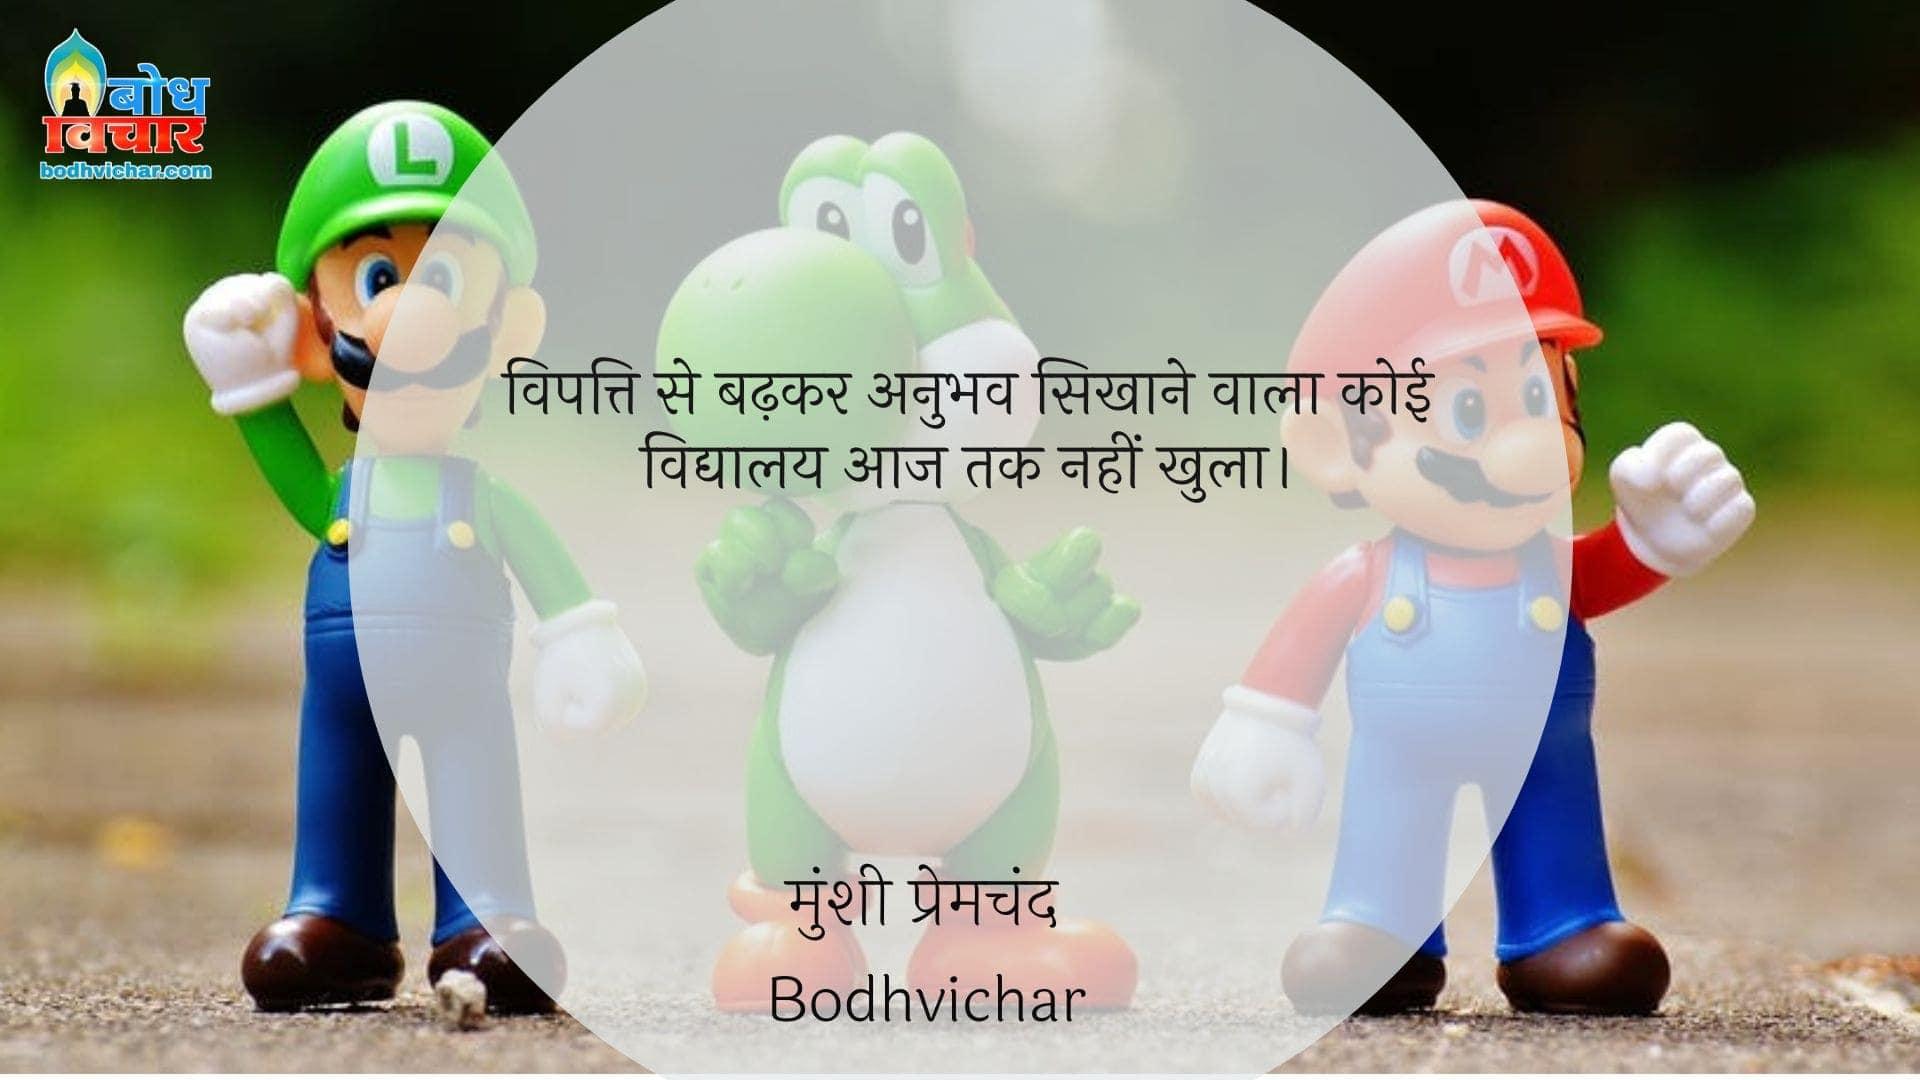 विपत्ति से बढ़कर अनुभव सिखाने वाला कोई विद्यालय आज तक नहीं खुला। : Vipatti se badhkar anubhav sikhaane wala vidyalaya aaj tak koi nahi khula hai. - मुंशी प्रेमचंद